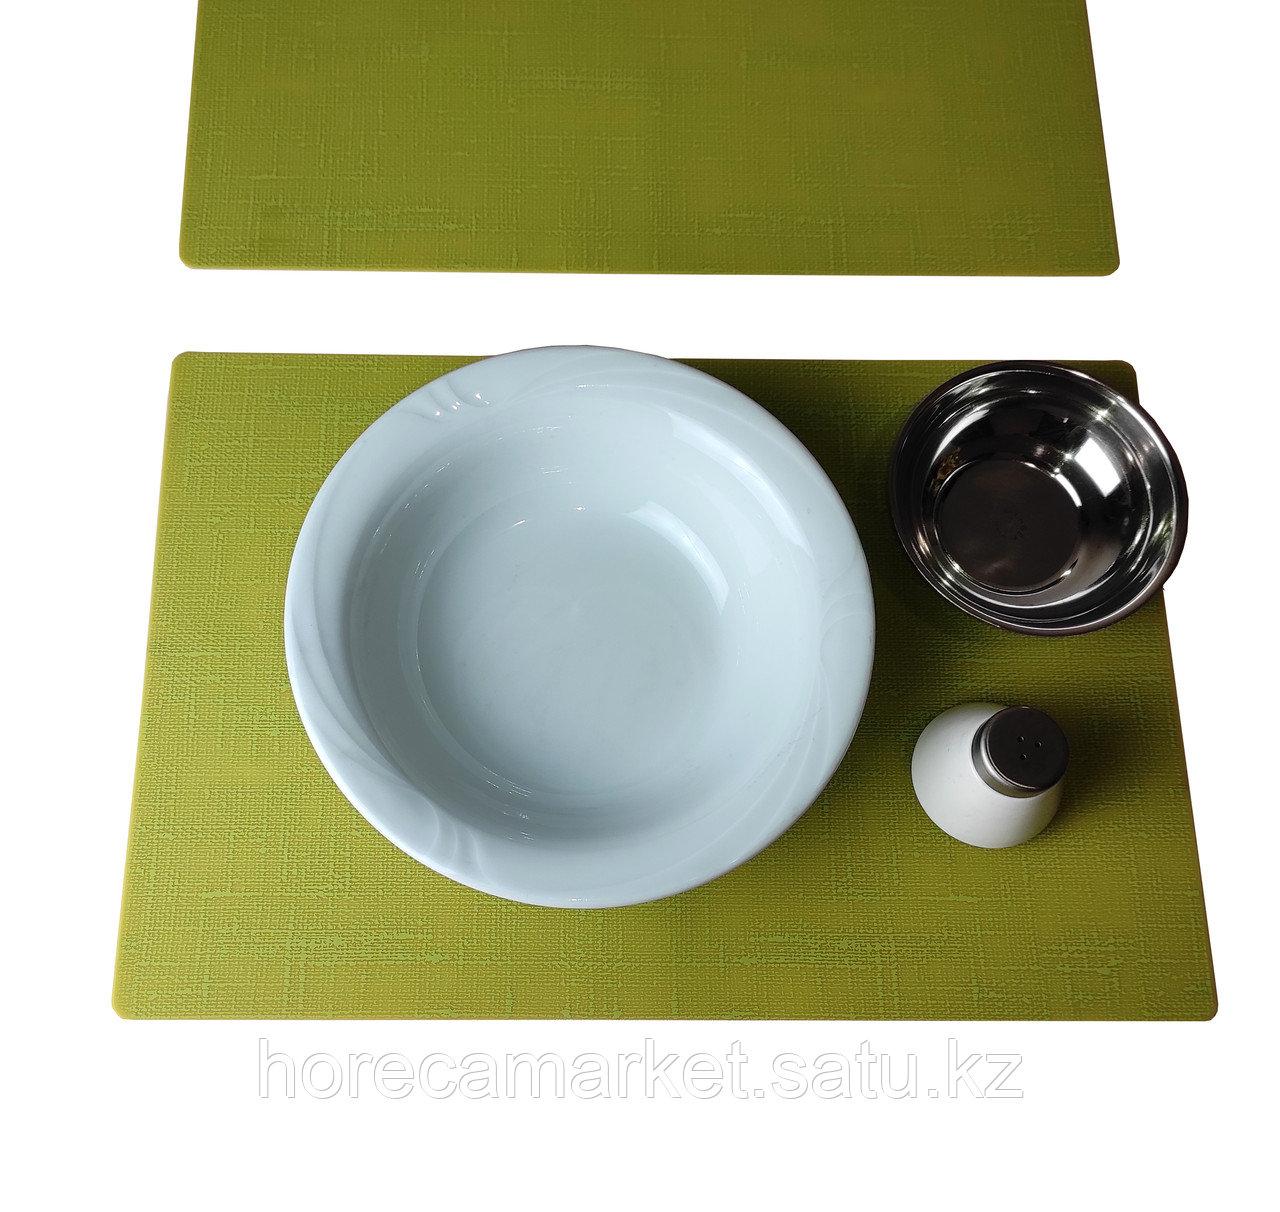 Подтарельники силиконовые цвет Киви 30X45см, 30шт